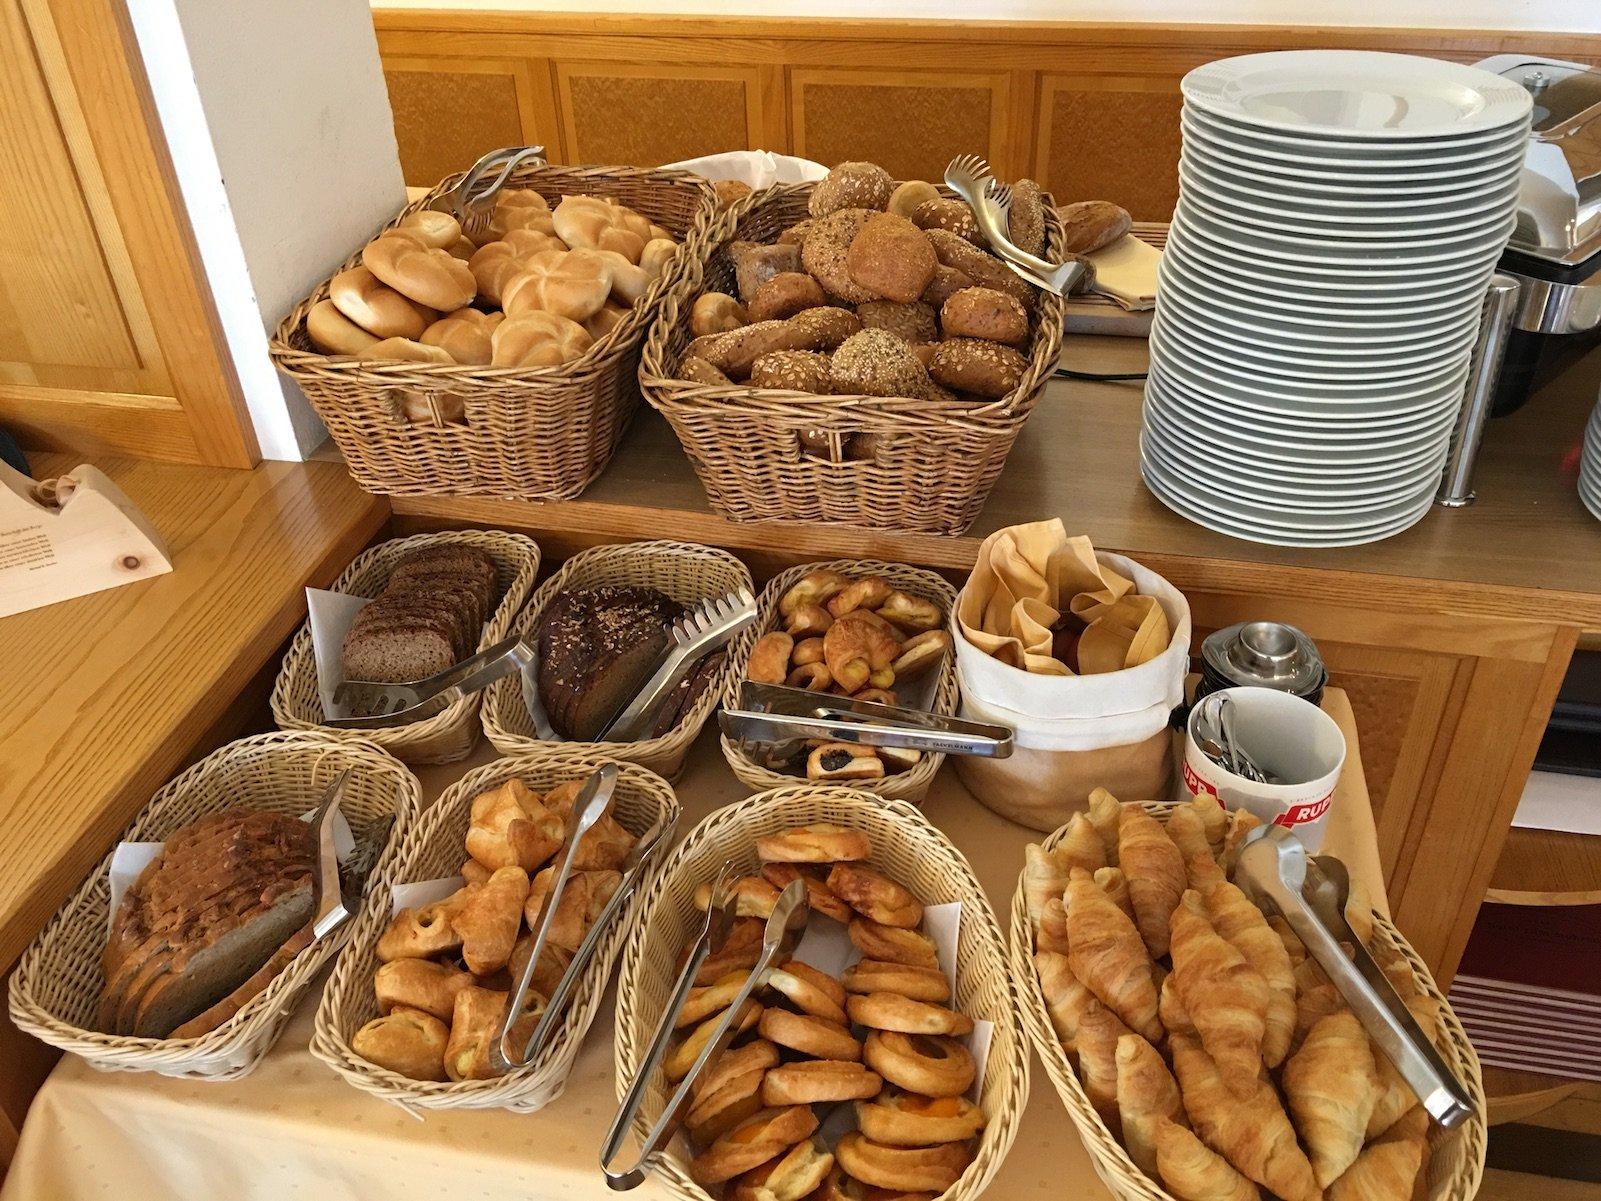 Brotauswahl ohne Ende zum Frühstück im Hotel zum Mohren in Reutte